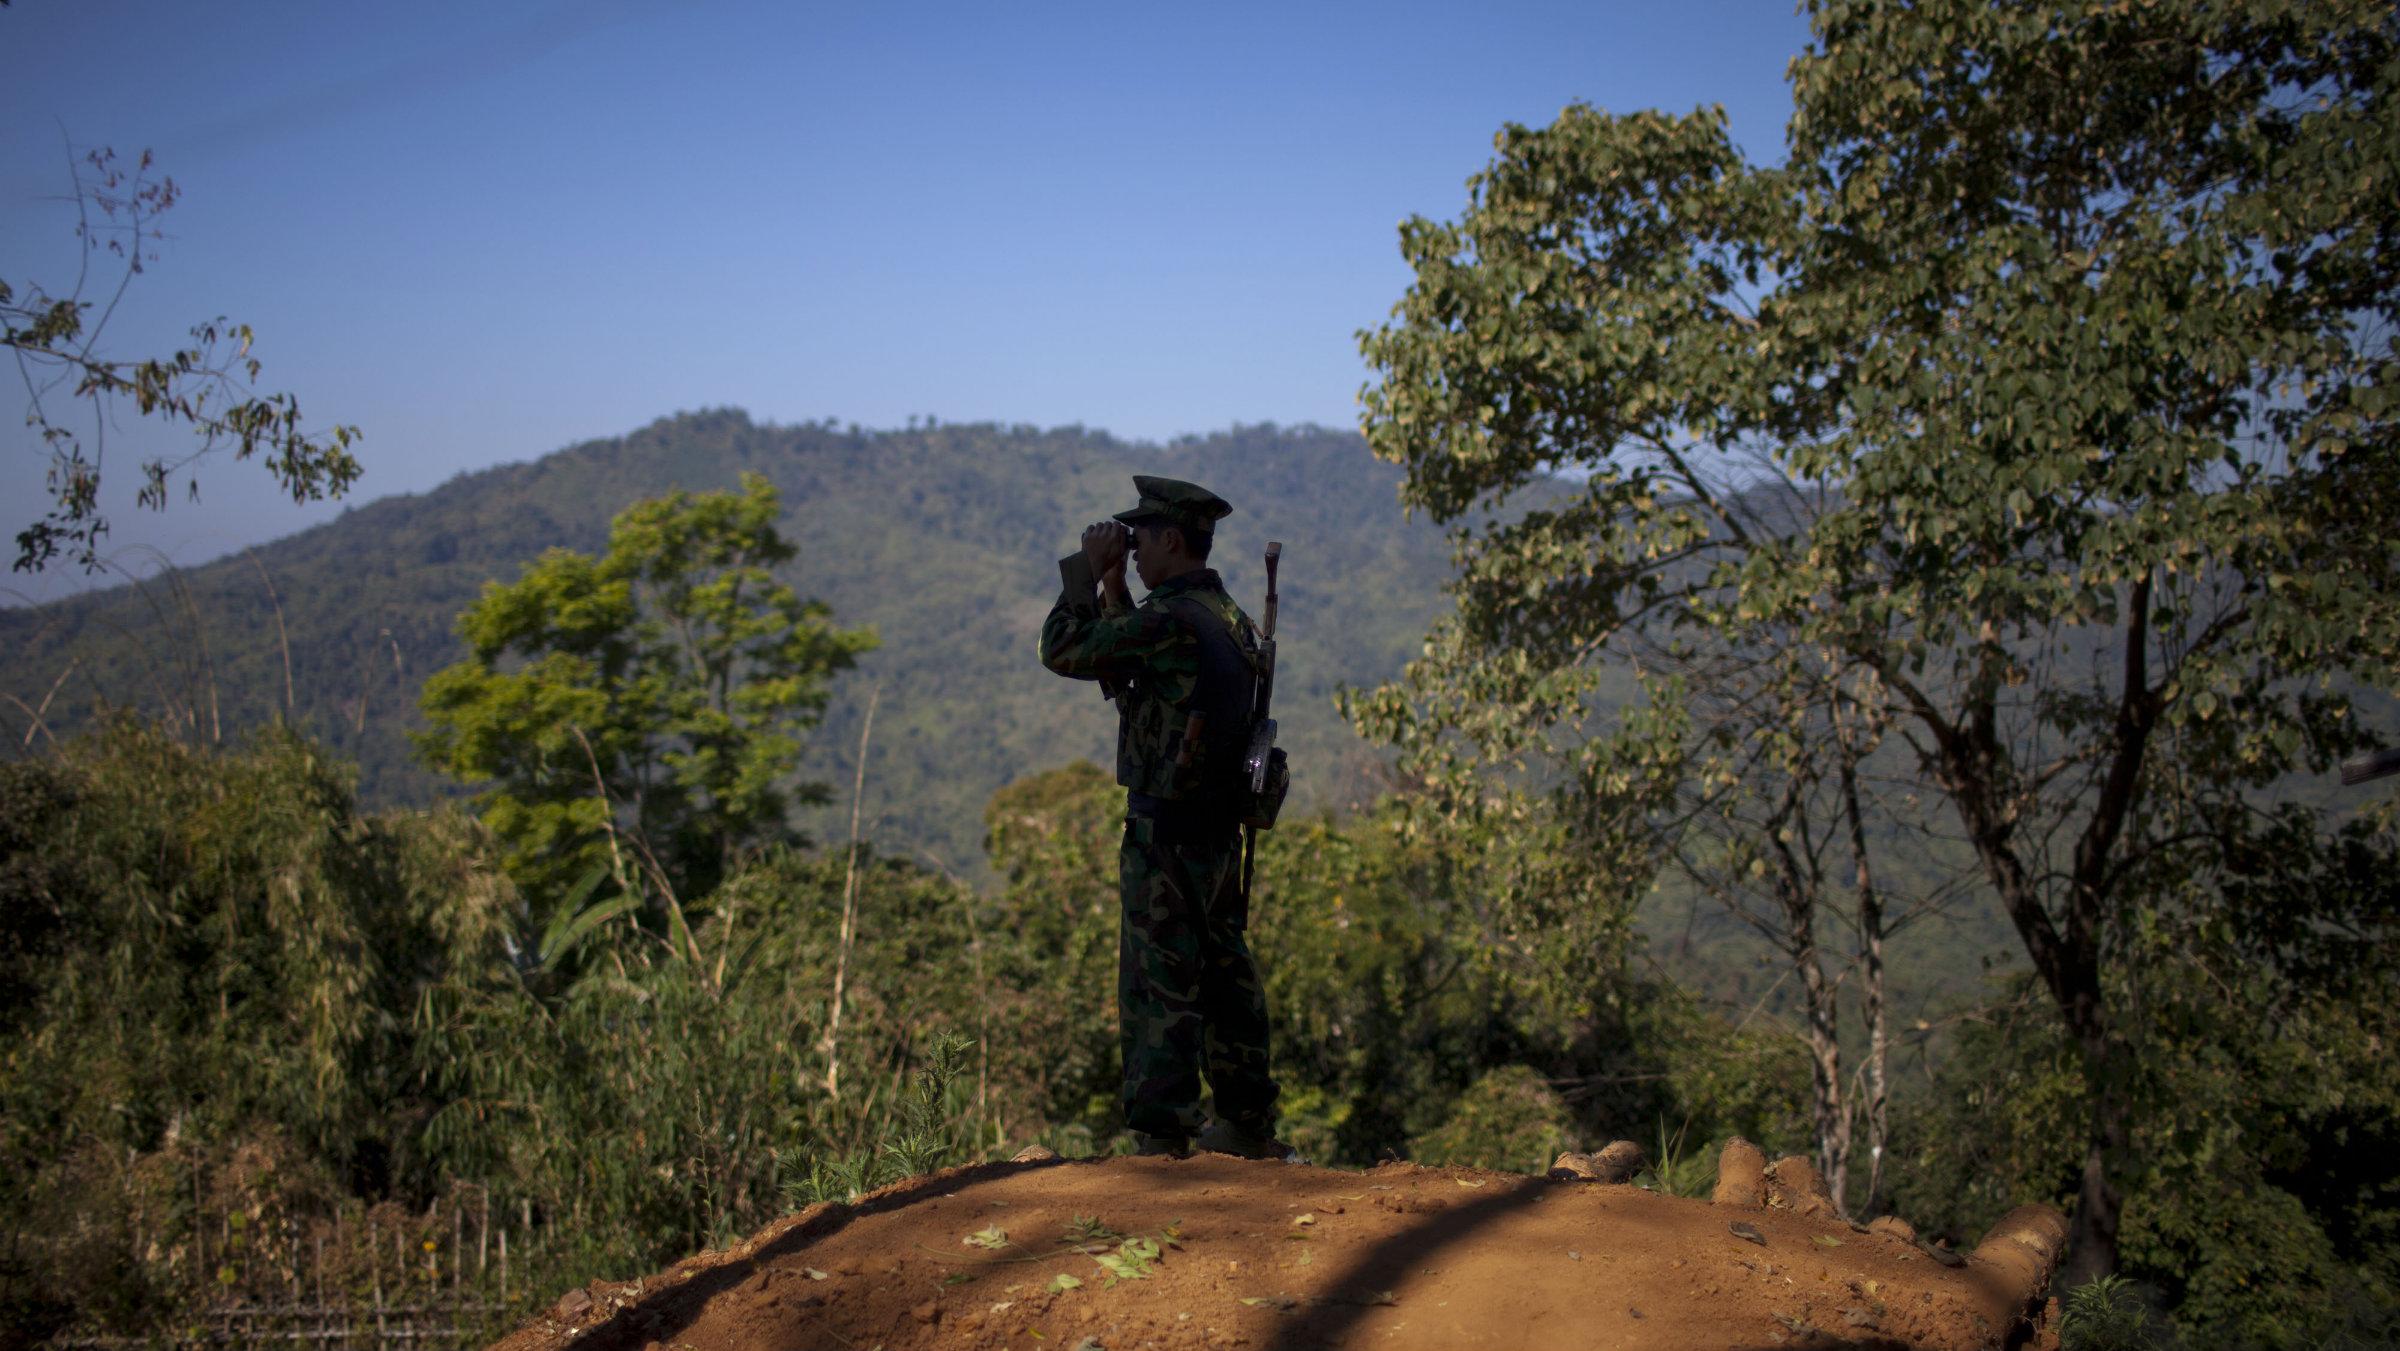 Kachin outpost